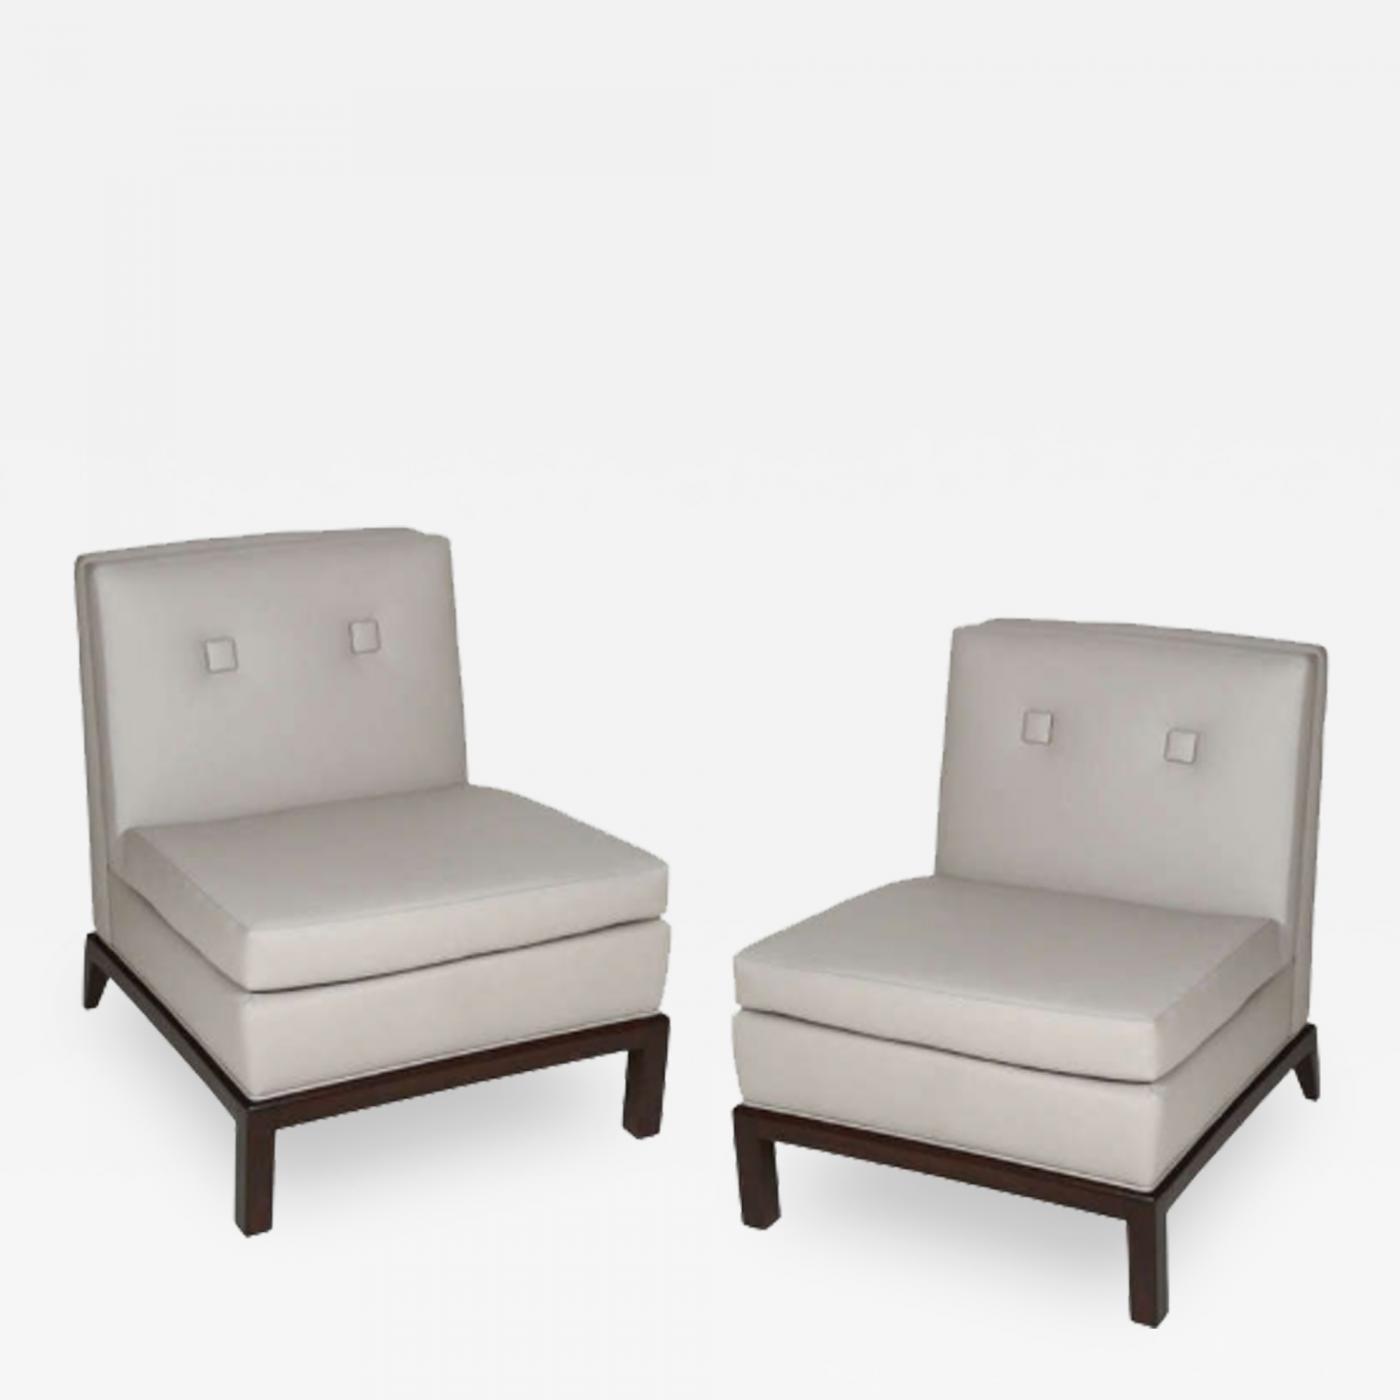 Peachy Everett Sebring Pair Of Custom Leather Upholstered Slipper Chairs By Everett Sebring Dailytribune Chair Design For Home Dailytribuneorg